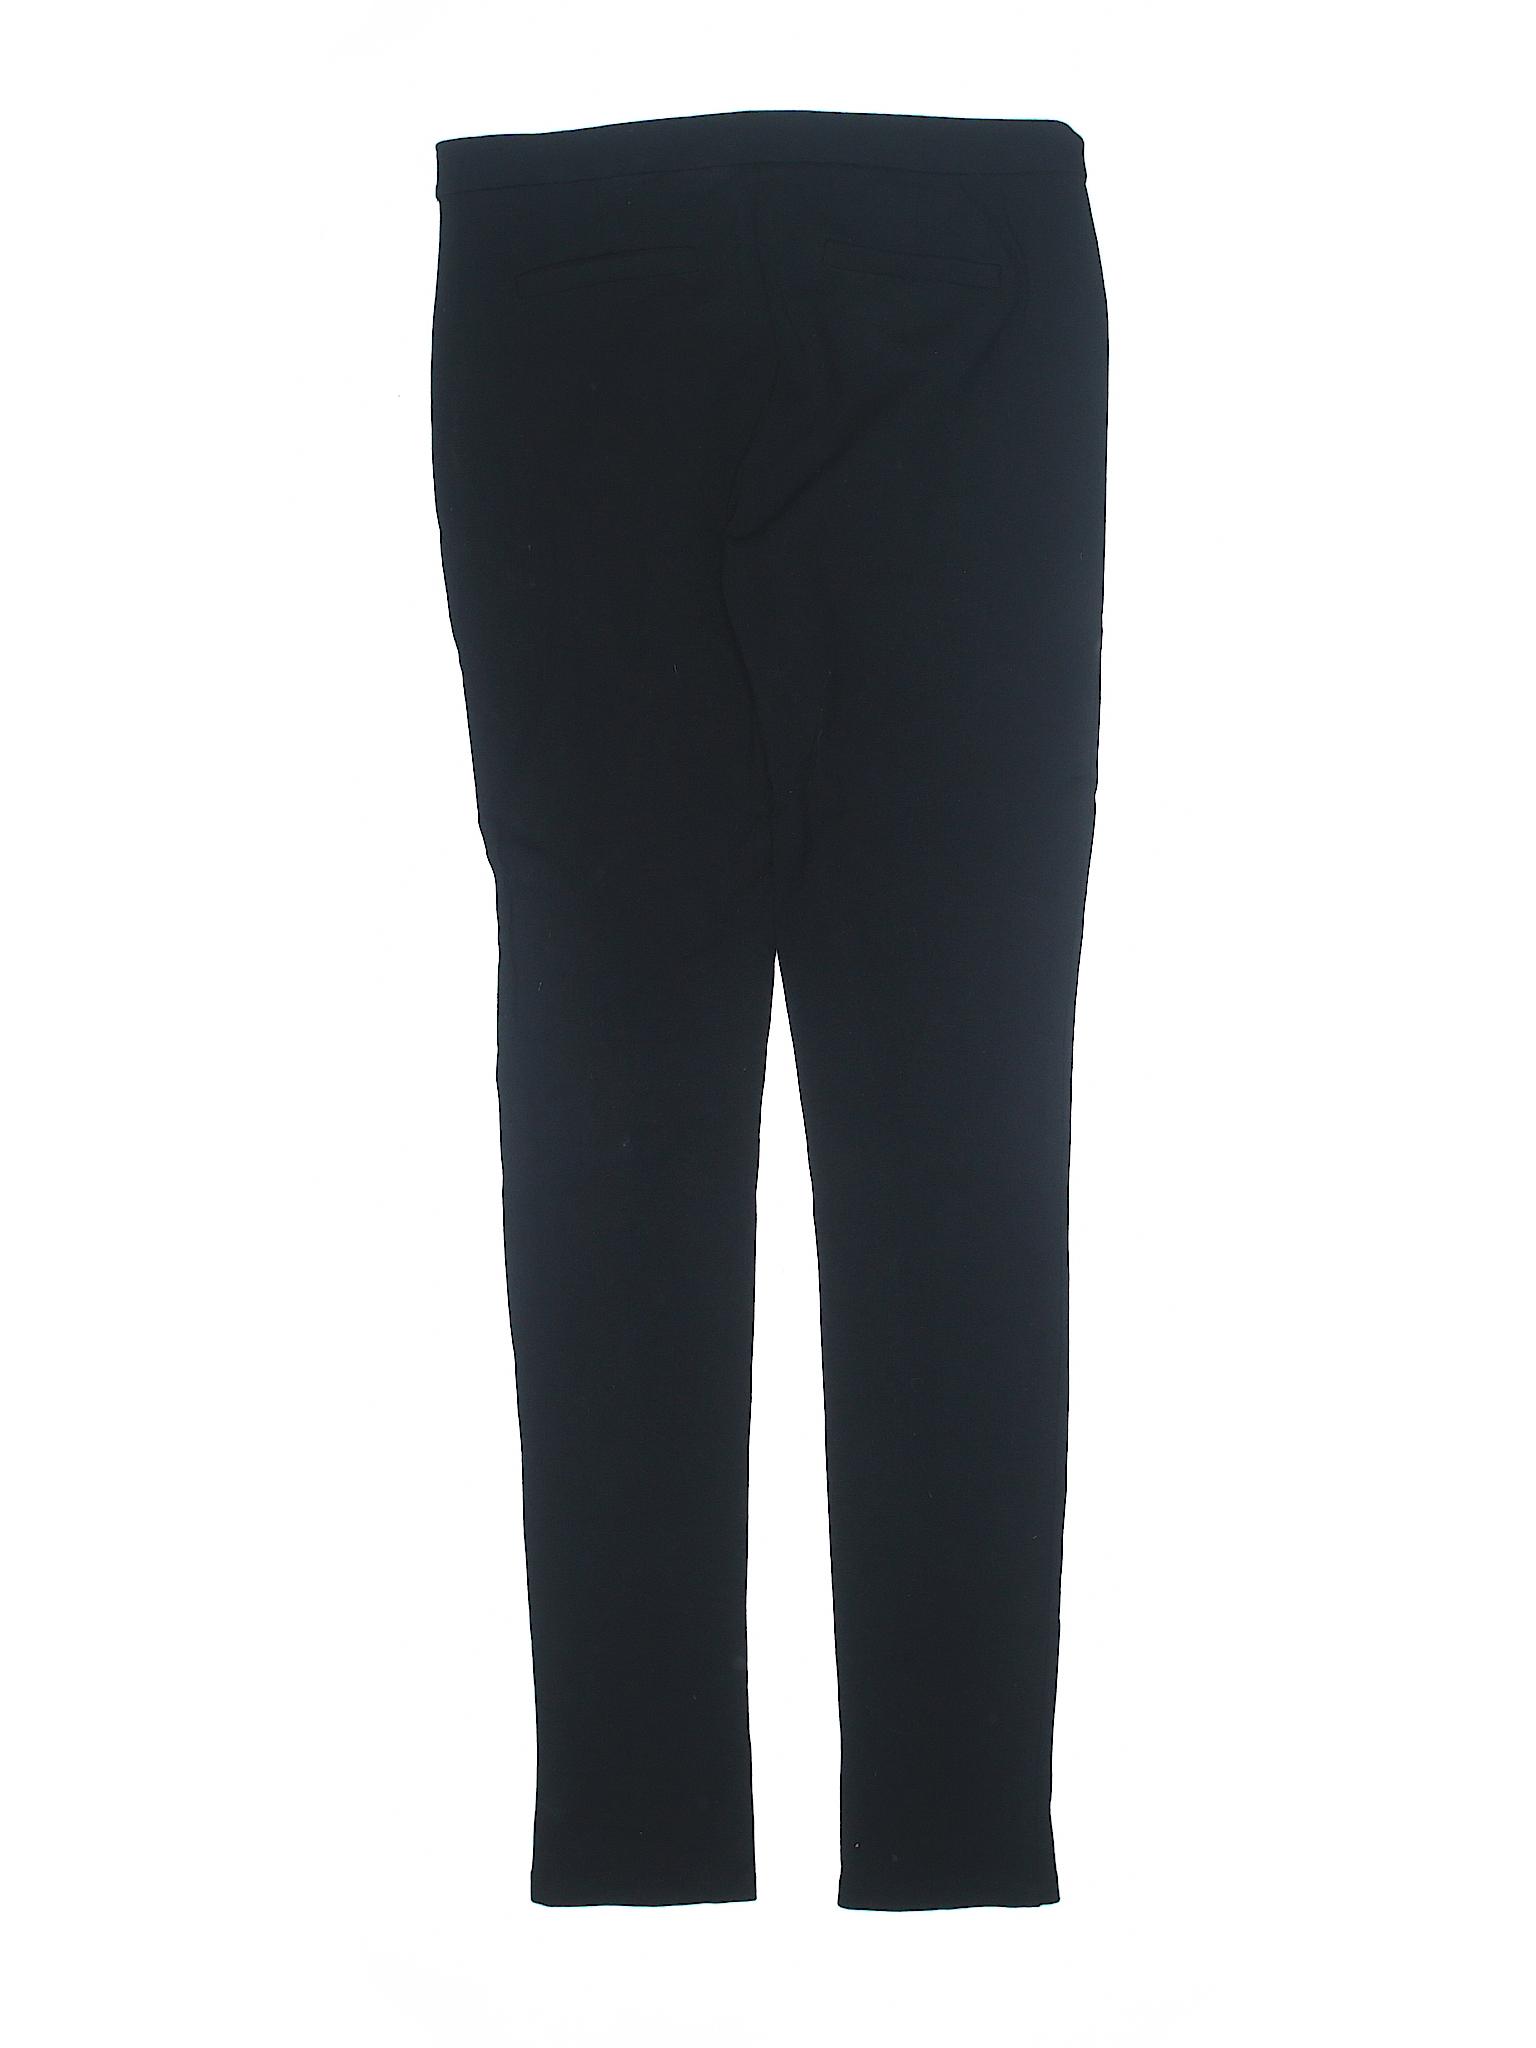 5d3753666fa4e8 Merona Solid Black Leggings Size 2 - 58% off | thredUP